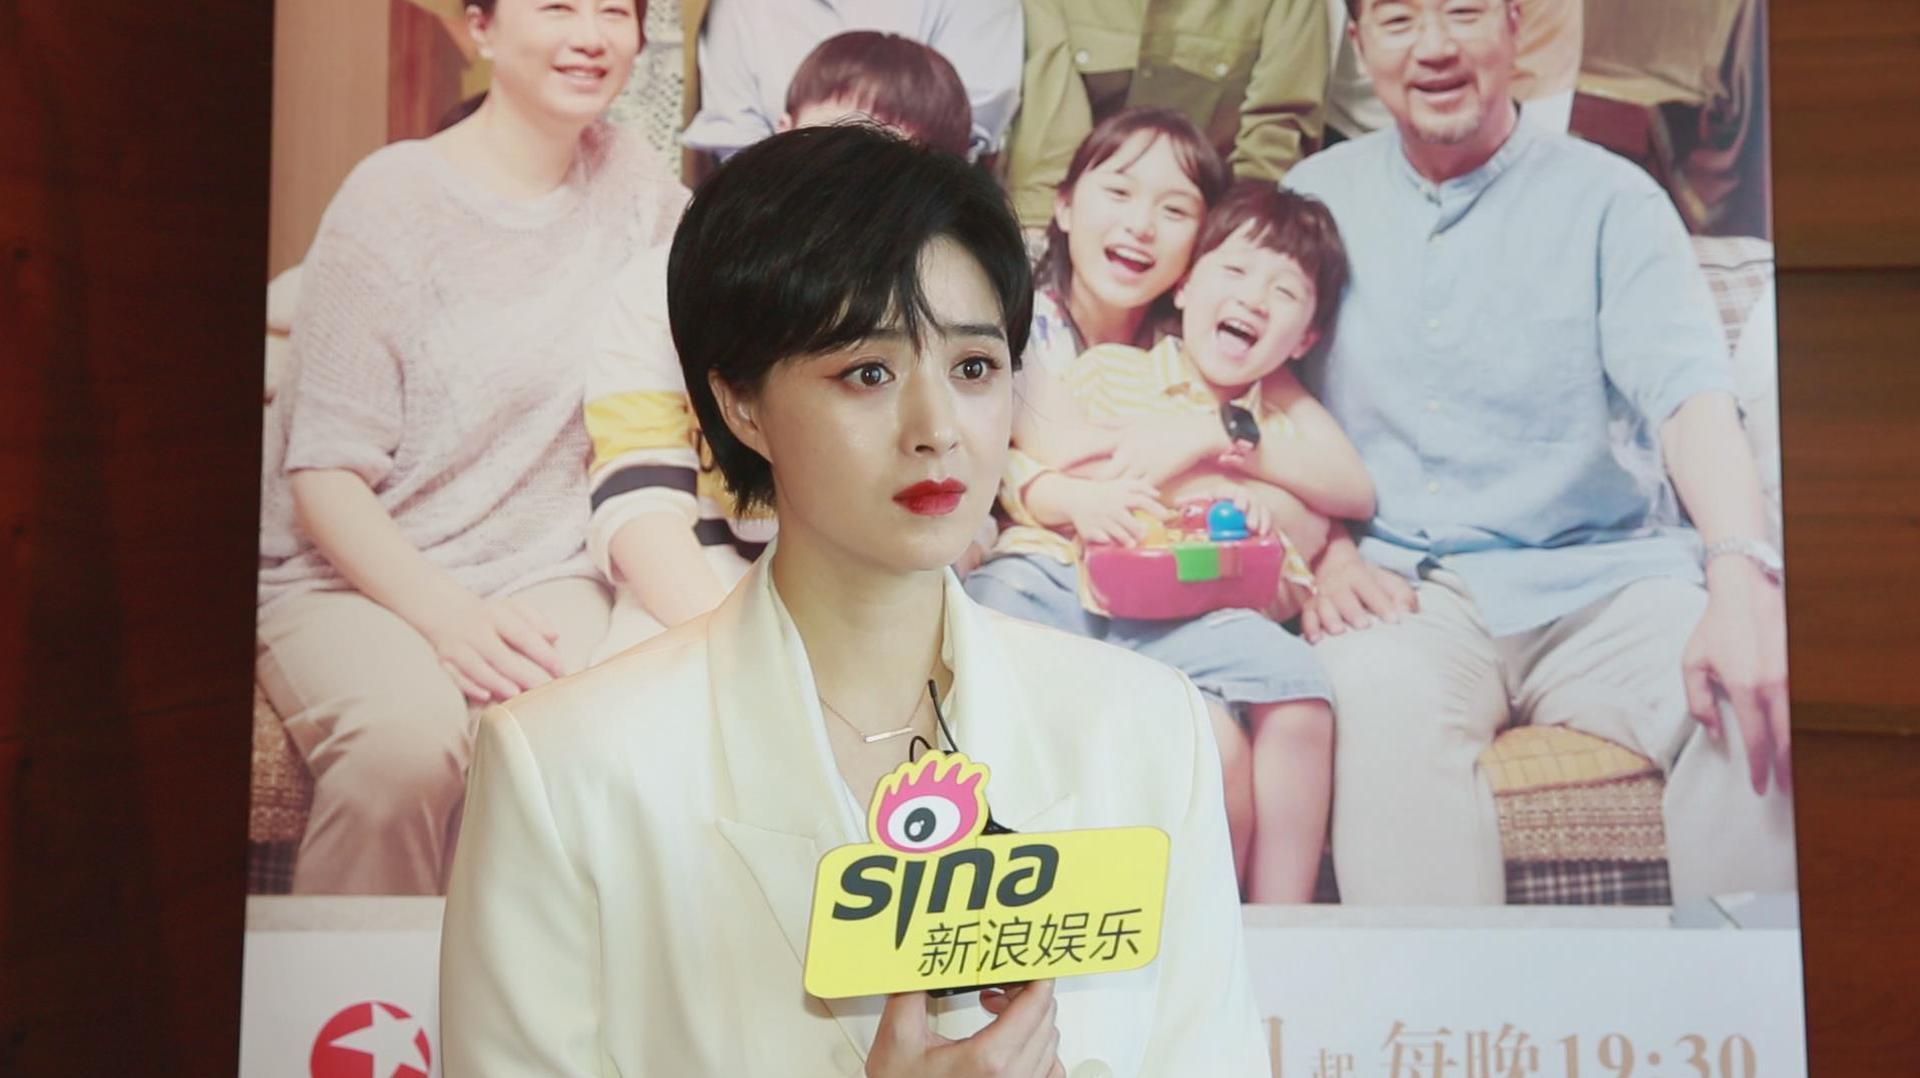 蒋欣为演《小舍得》田雨岚潜伏家长群 坦言心疼她却不认同